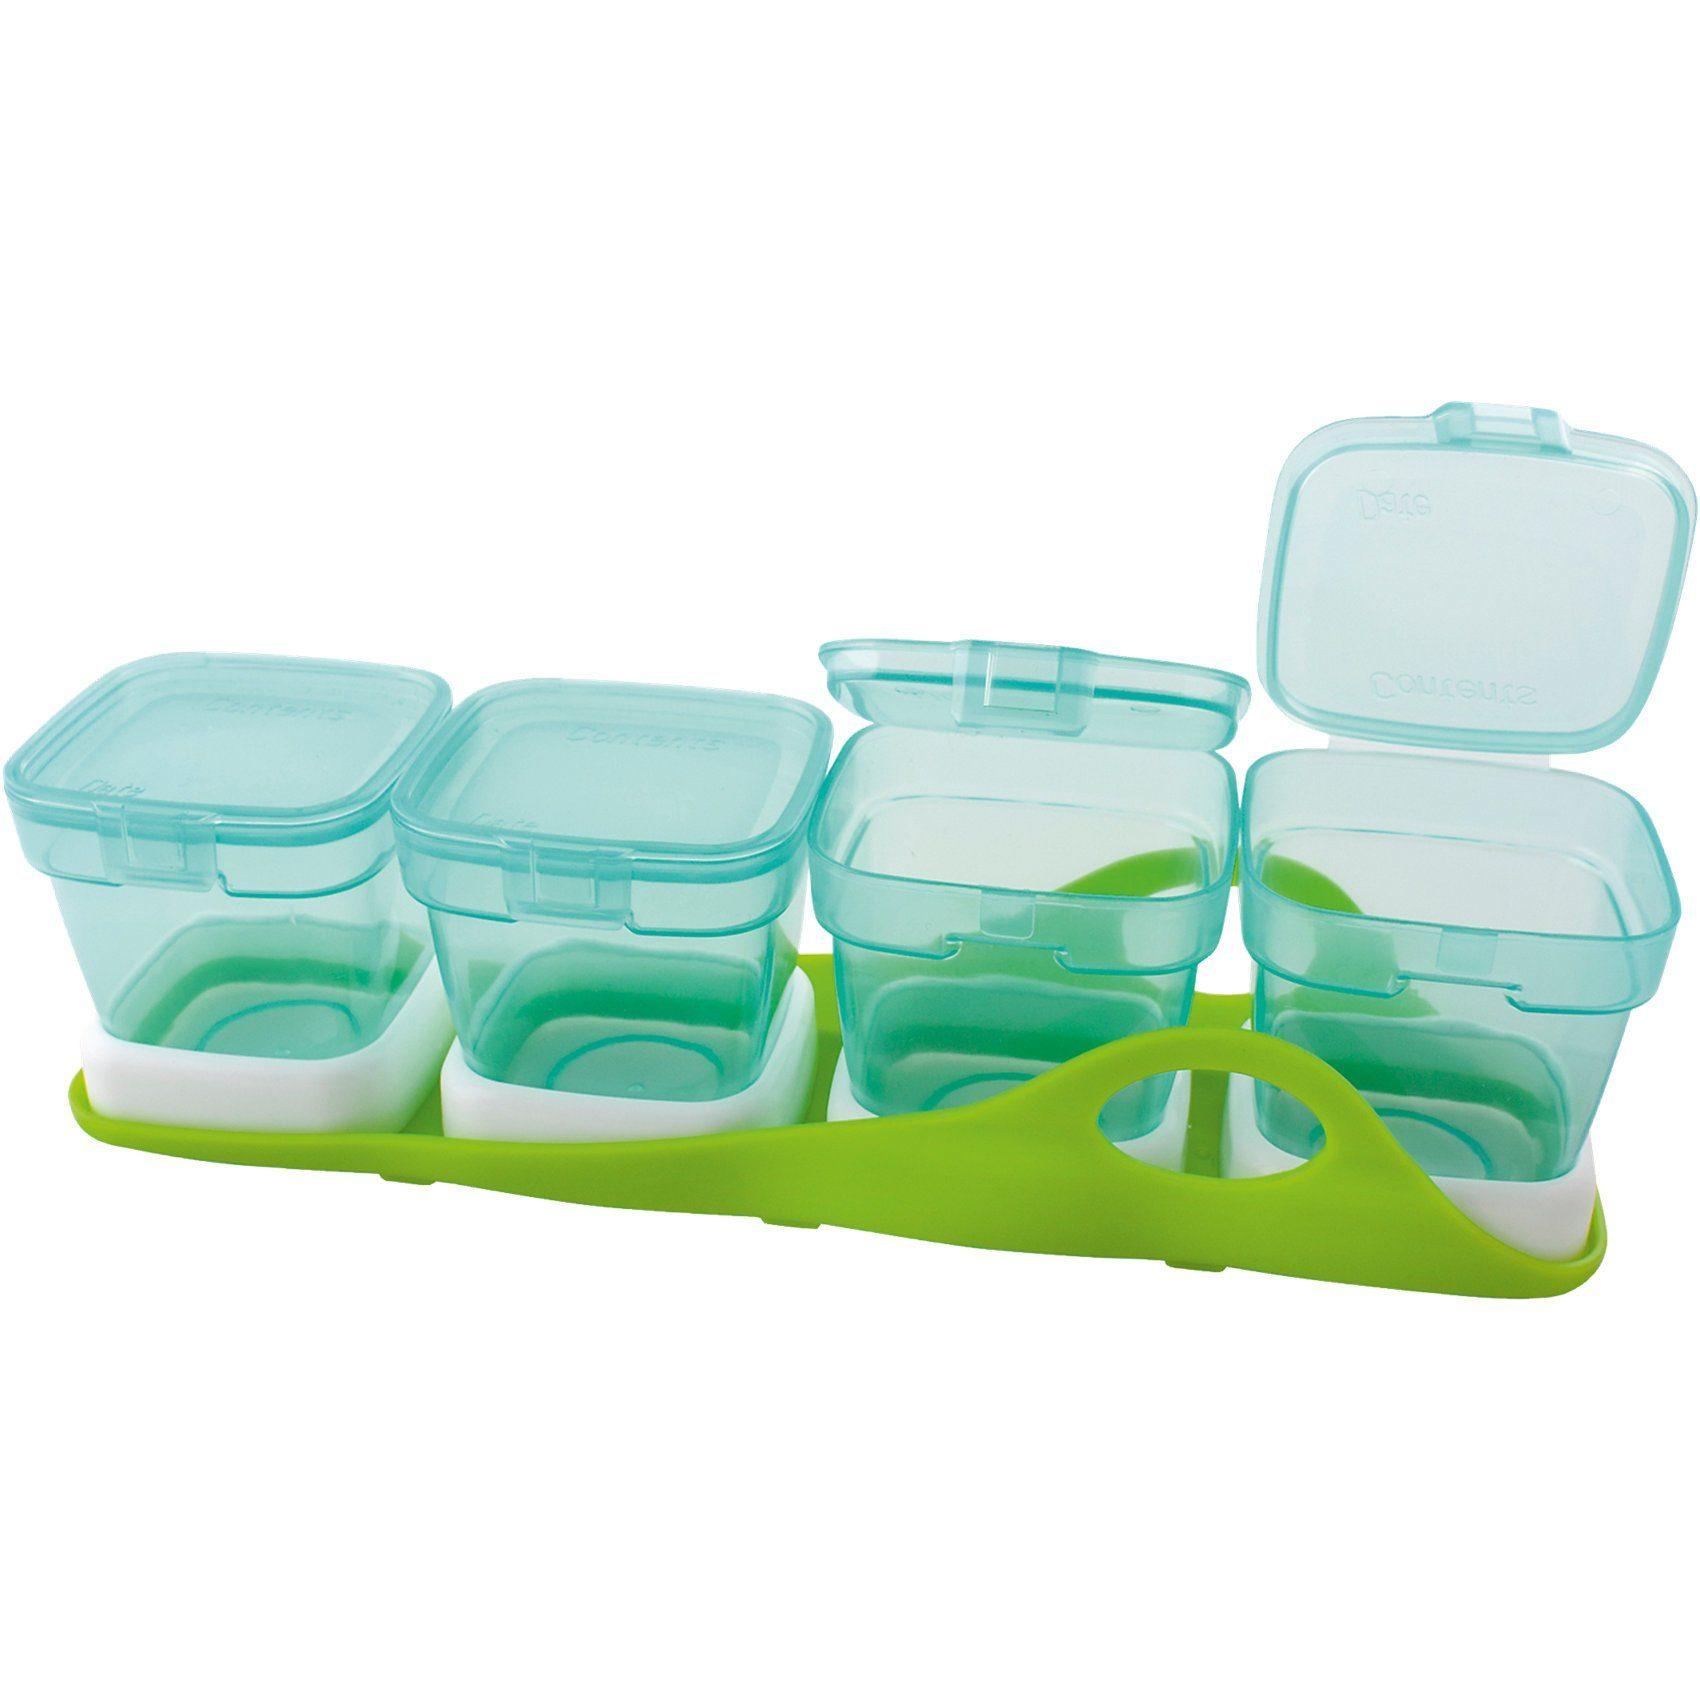 MAM Aufbewahrungsbecher für Babynahrung, Multi-Boxen, 4-in-1